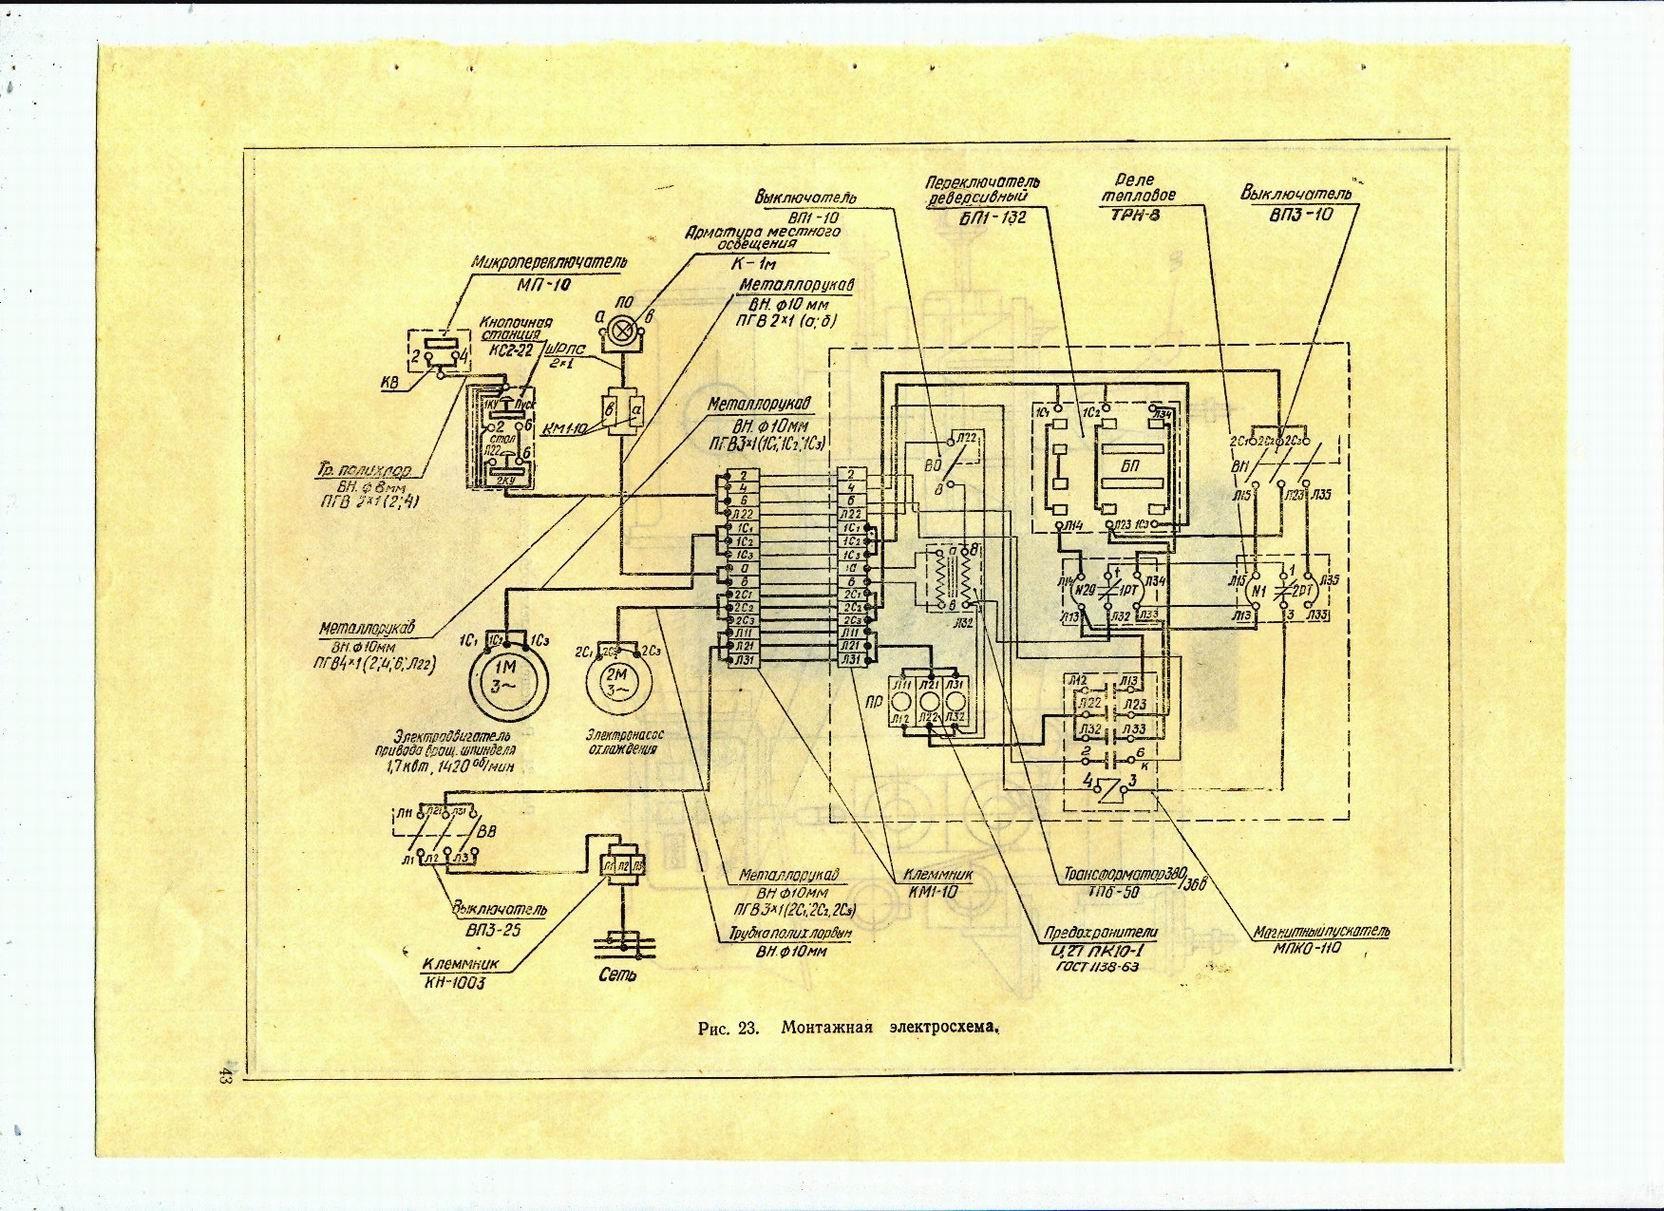 Трубогиб ив3428 электрическая схема